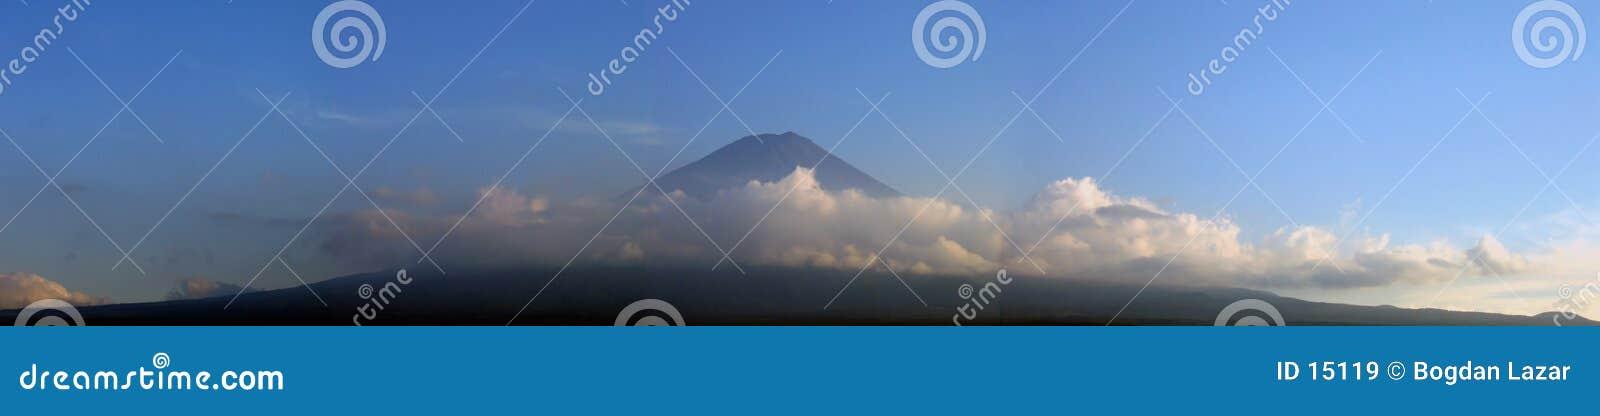 Montaje Fuji rodeado por las nubes - panorama